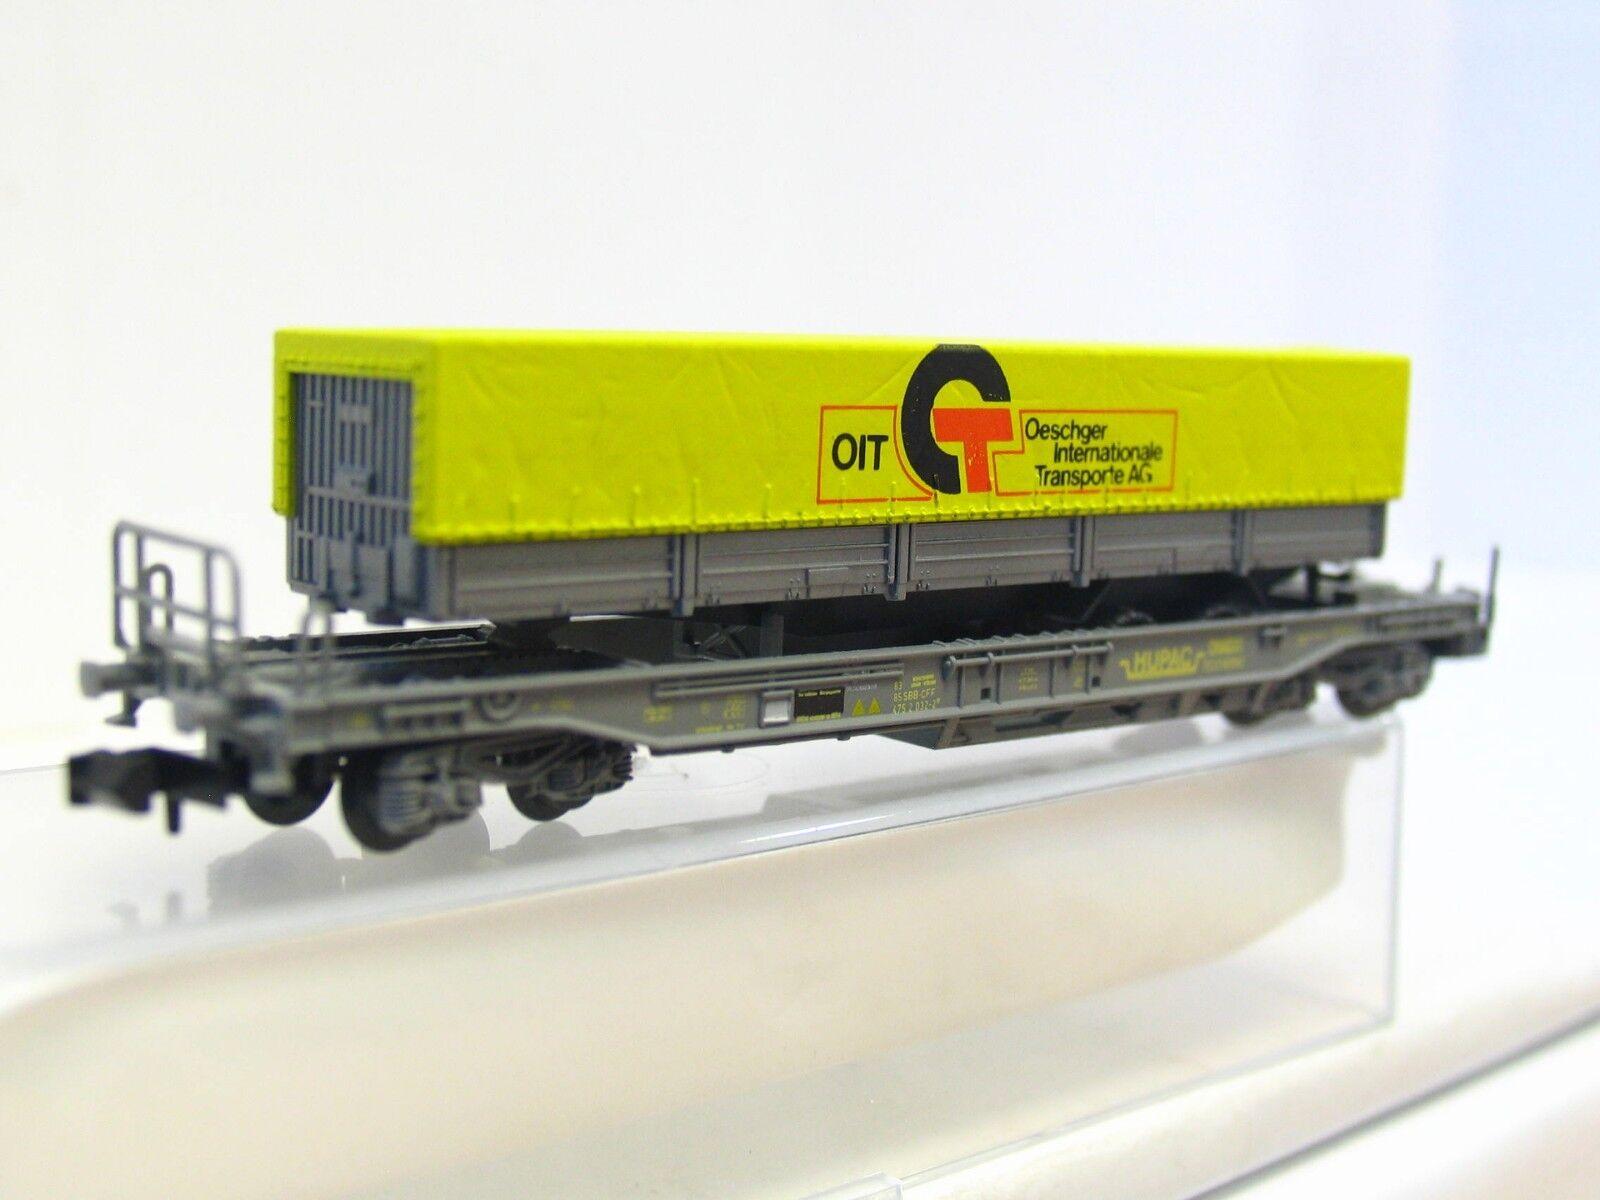 Staiber N Einheitstaschenwagen Oit Hupac SBB CFF OVP (RB183)